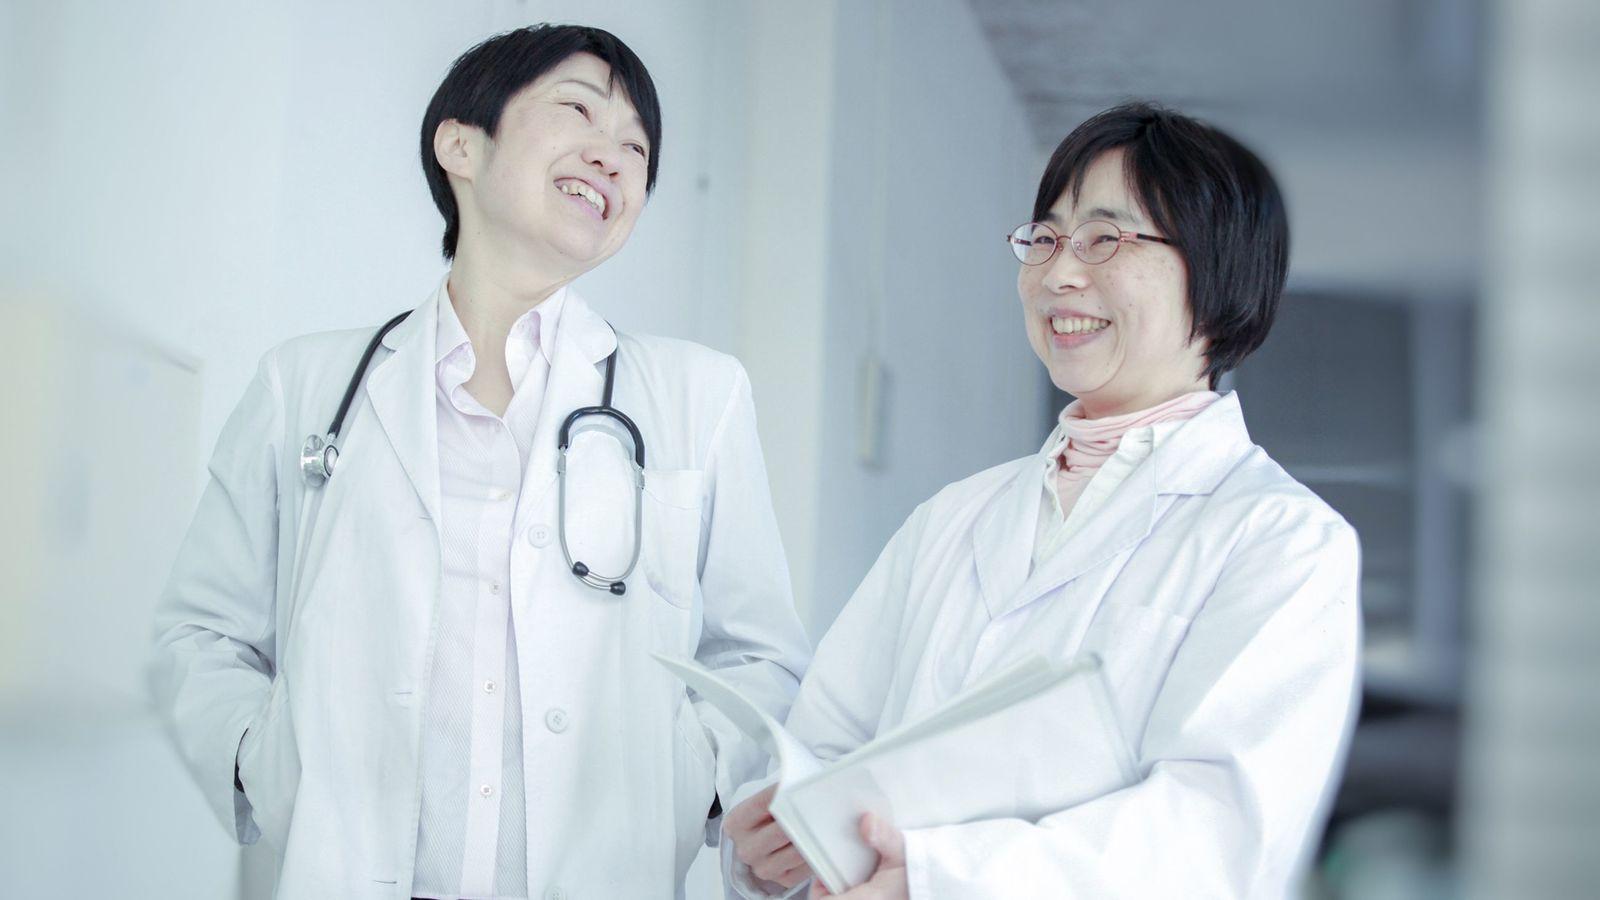 「ドクターX」人気でフリーランス医師が大儲け 年収5000万円の産婦人科医も実在